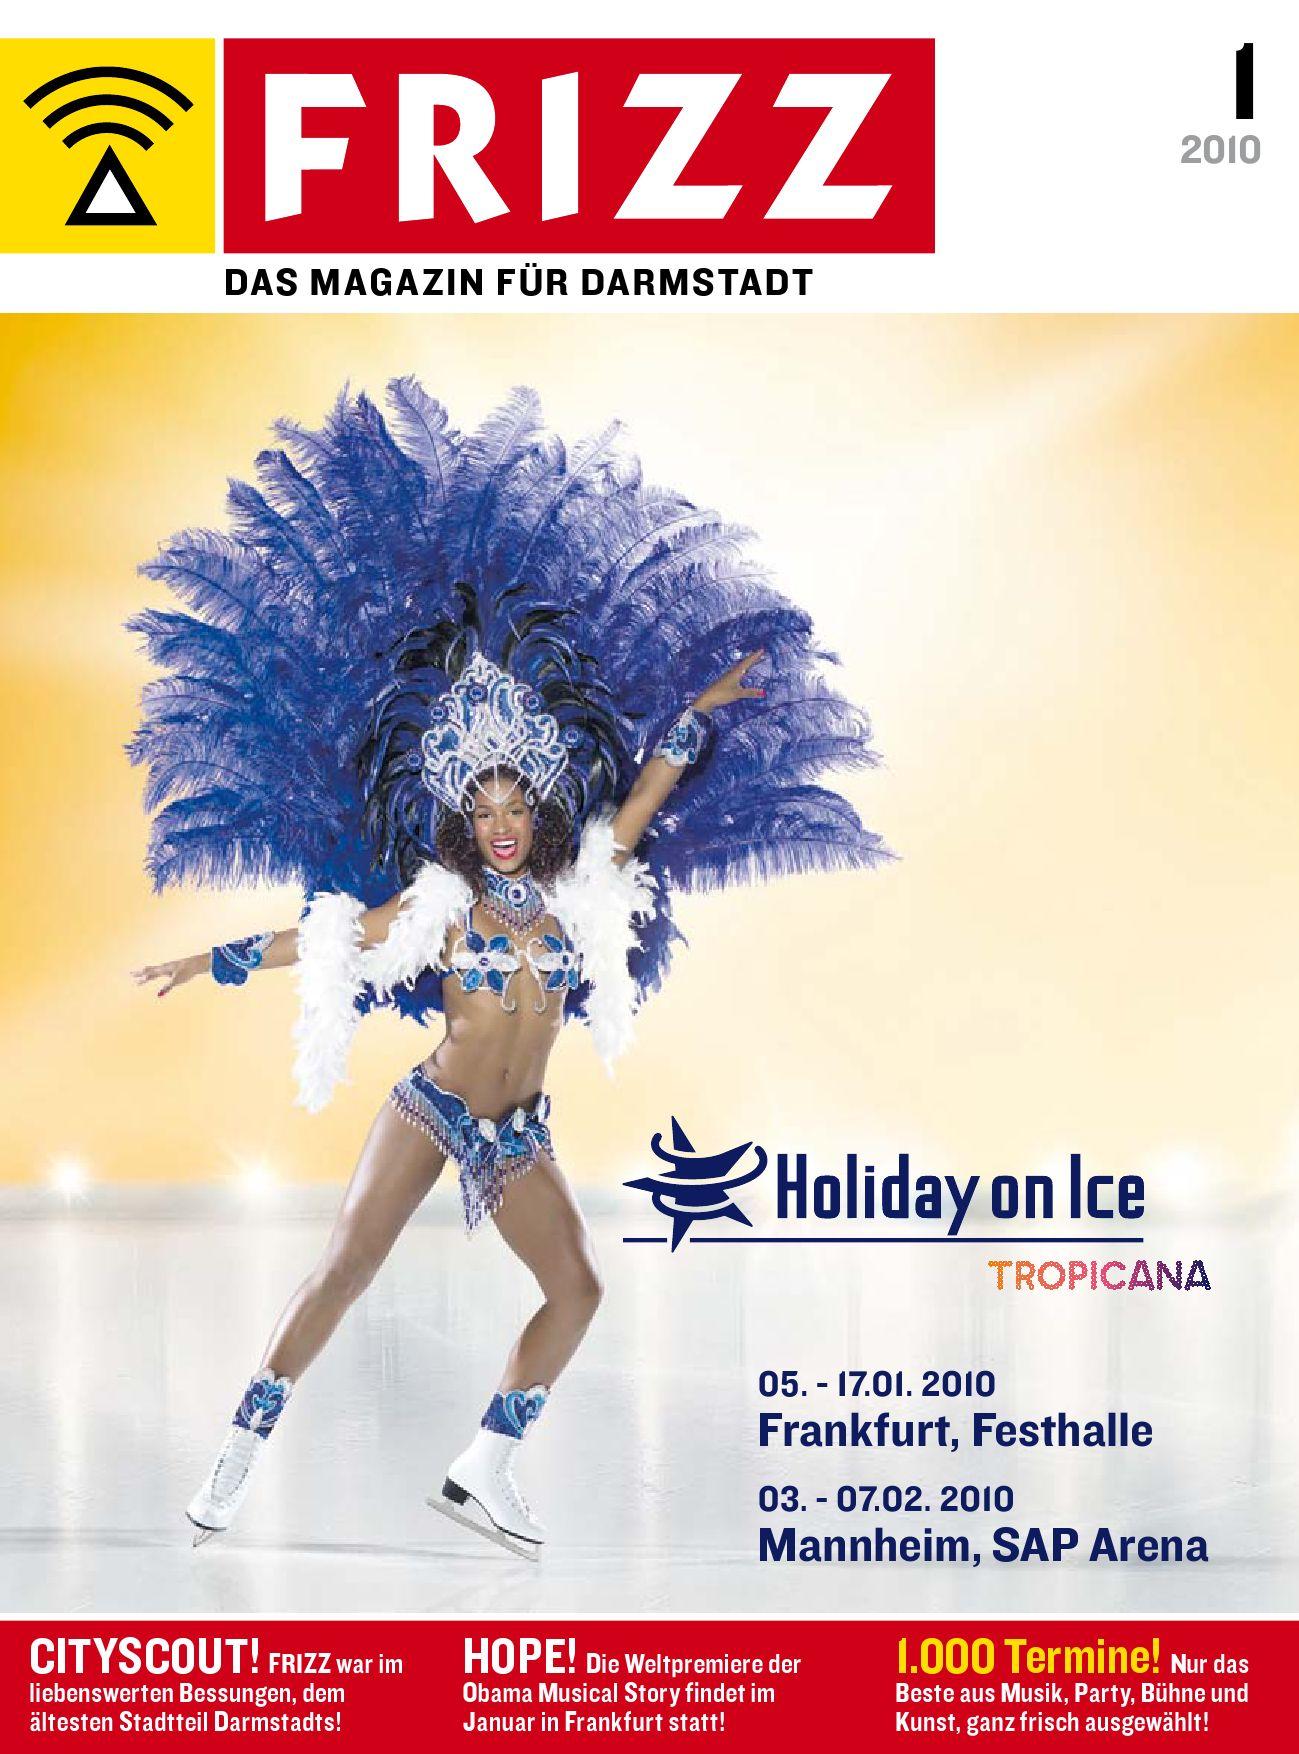 FRIZZ Das Magazin für Darmstadt 01 10 by FRIZZ Media & Marketing